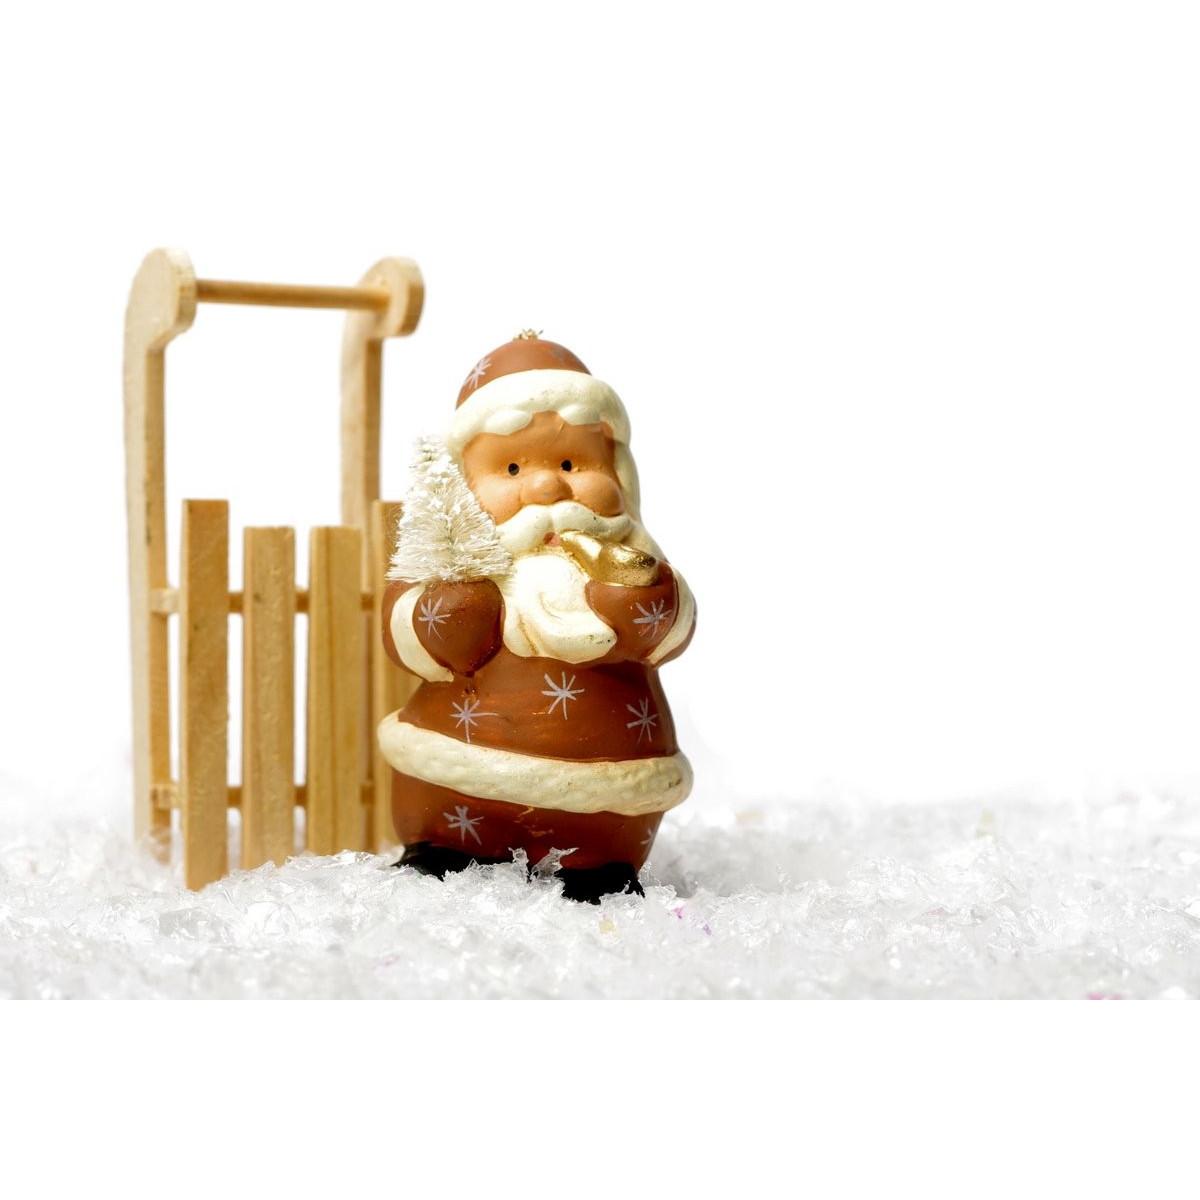 Fragrance Le traineau du Père Noël